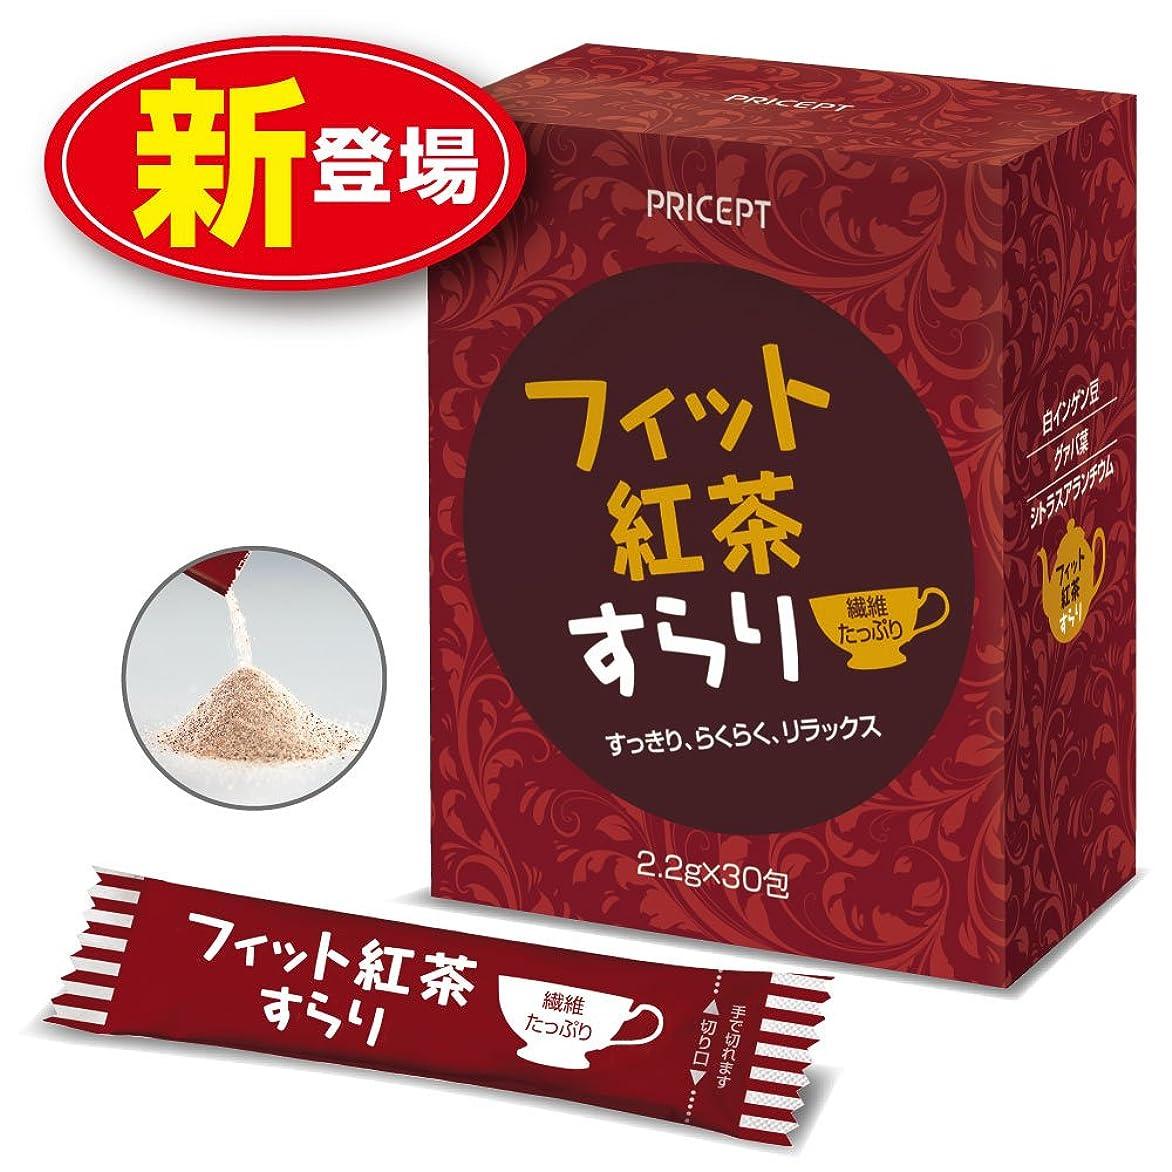 富豪出撃者コミュニケーションプリセプト フィット紅茶すらり(30包)【単品】(食物繊維配合ダイエットサポート紅茶)